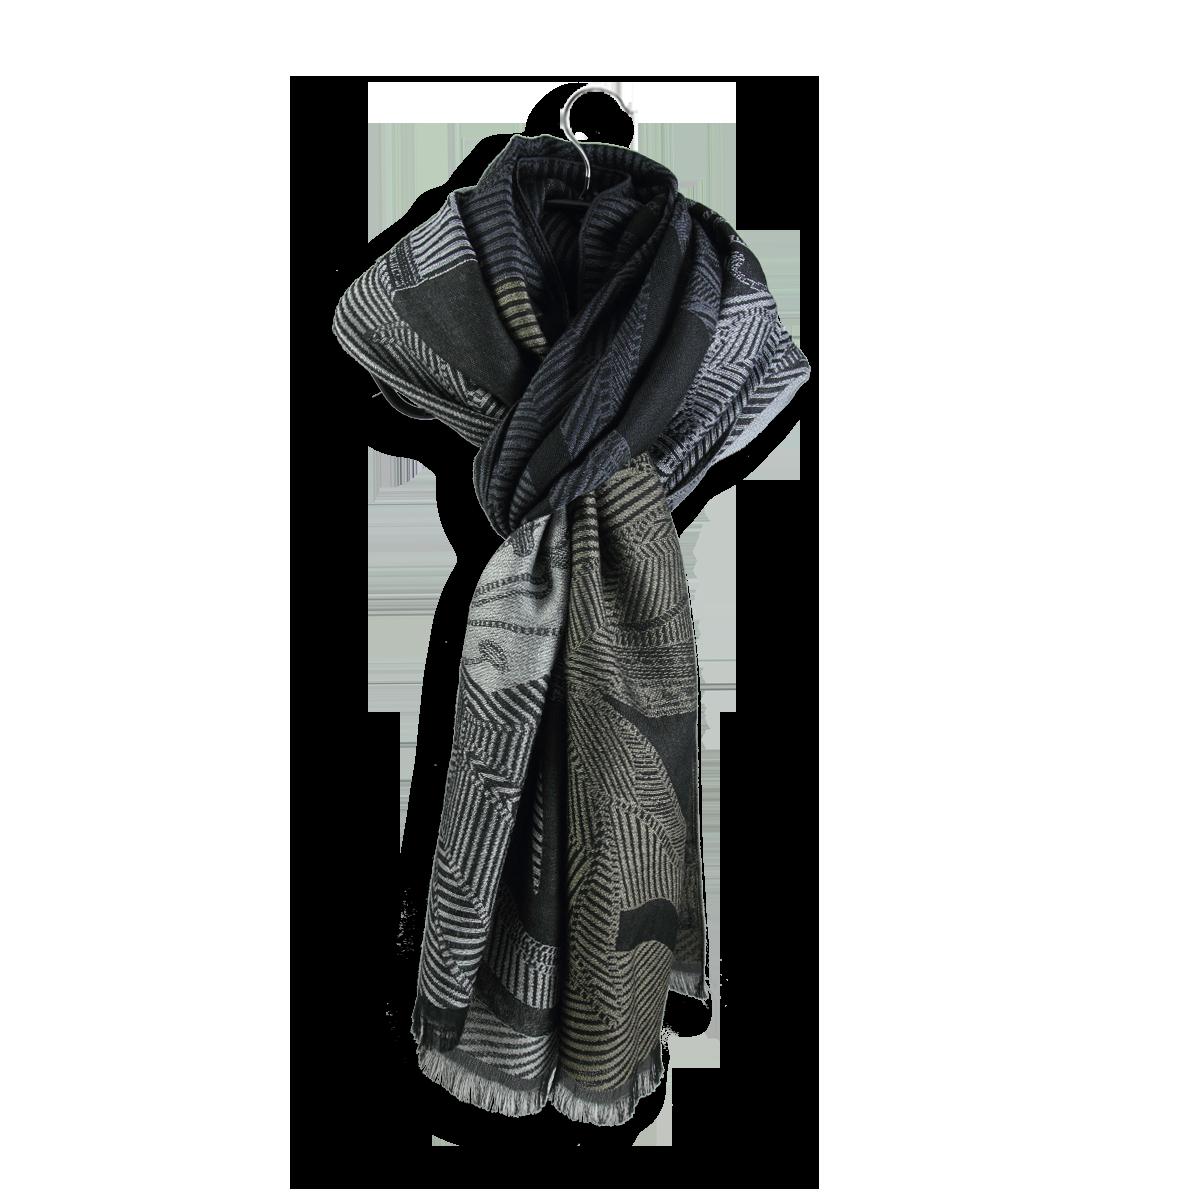 Etole Femme en Laine Coton Soie - Grand foulard Noir Gris 73a45256759